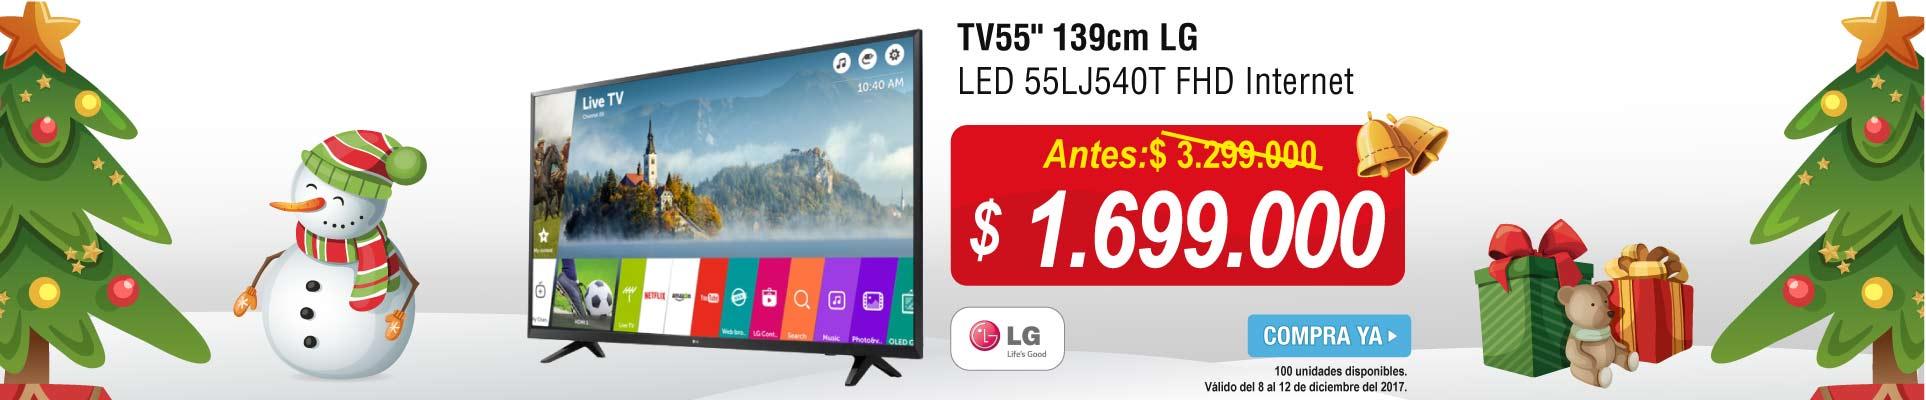 PPAL ALKP-3-tv-TV55 139cm LG LED 55LJ540T FHD Internet-prod-diciembre8-12